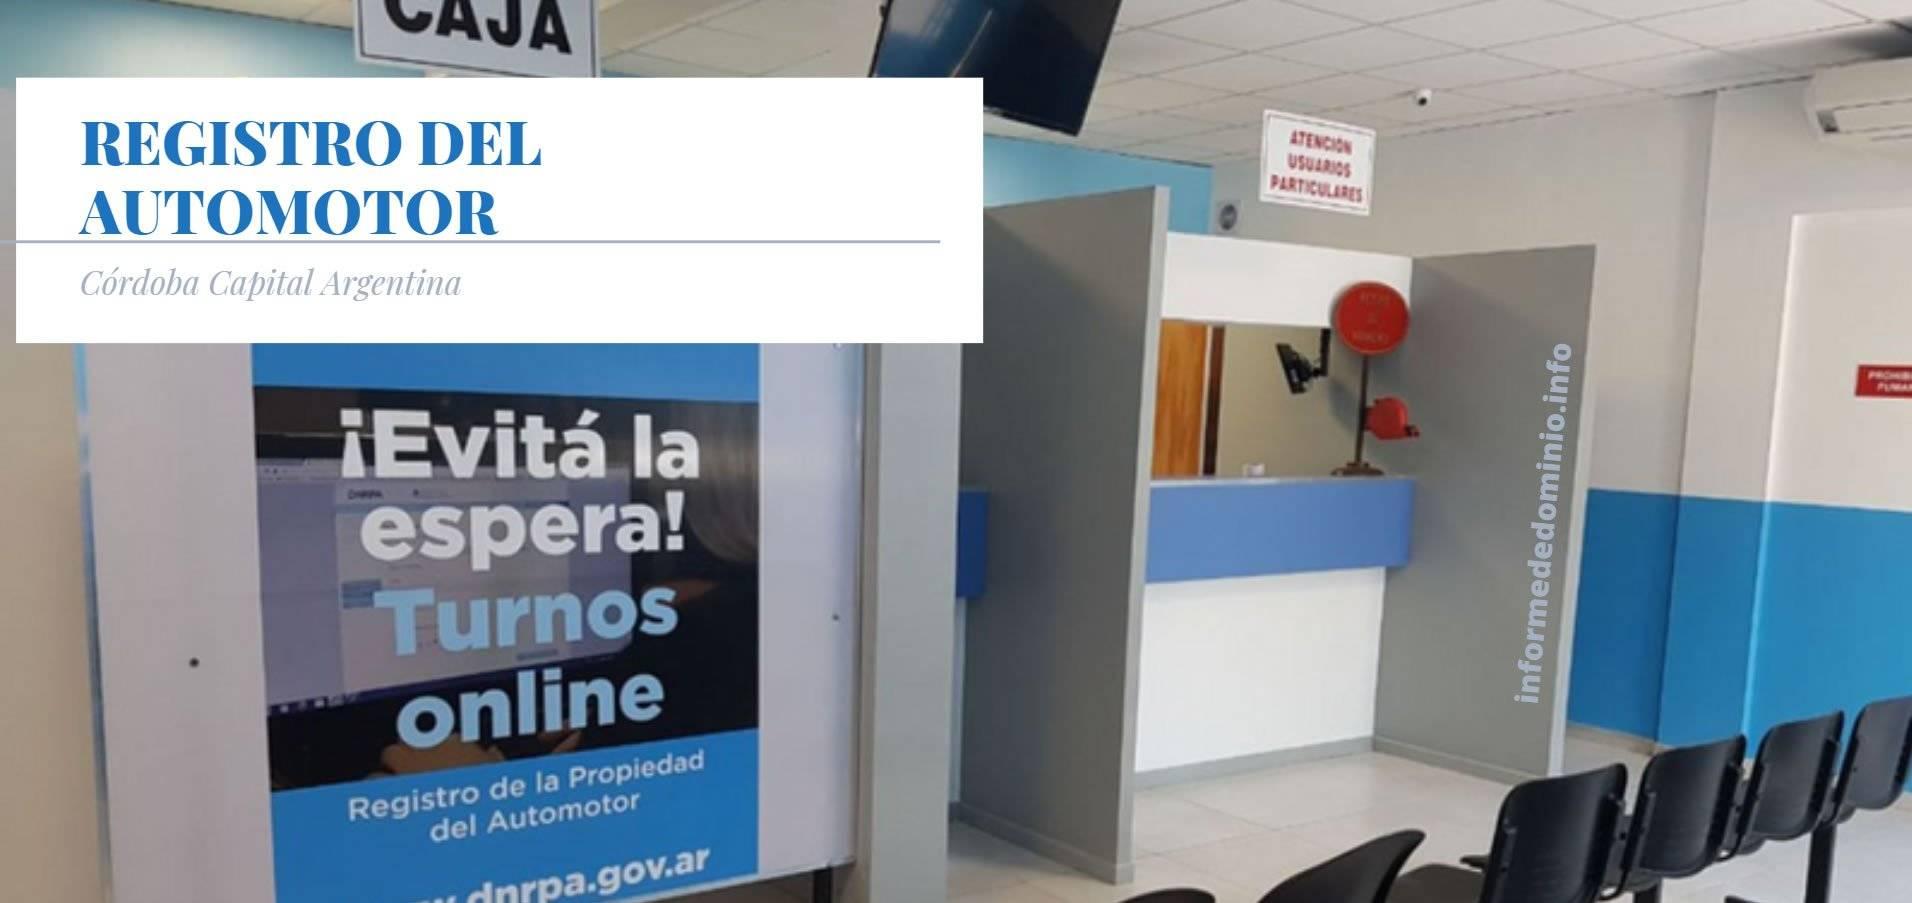 Registros del Automotor de Cordoba Capital.